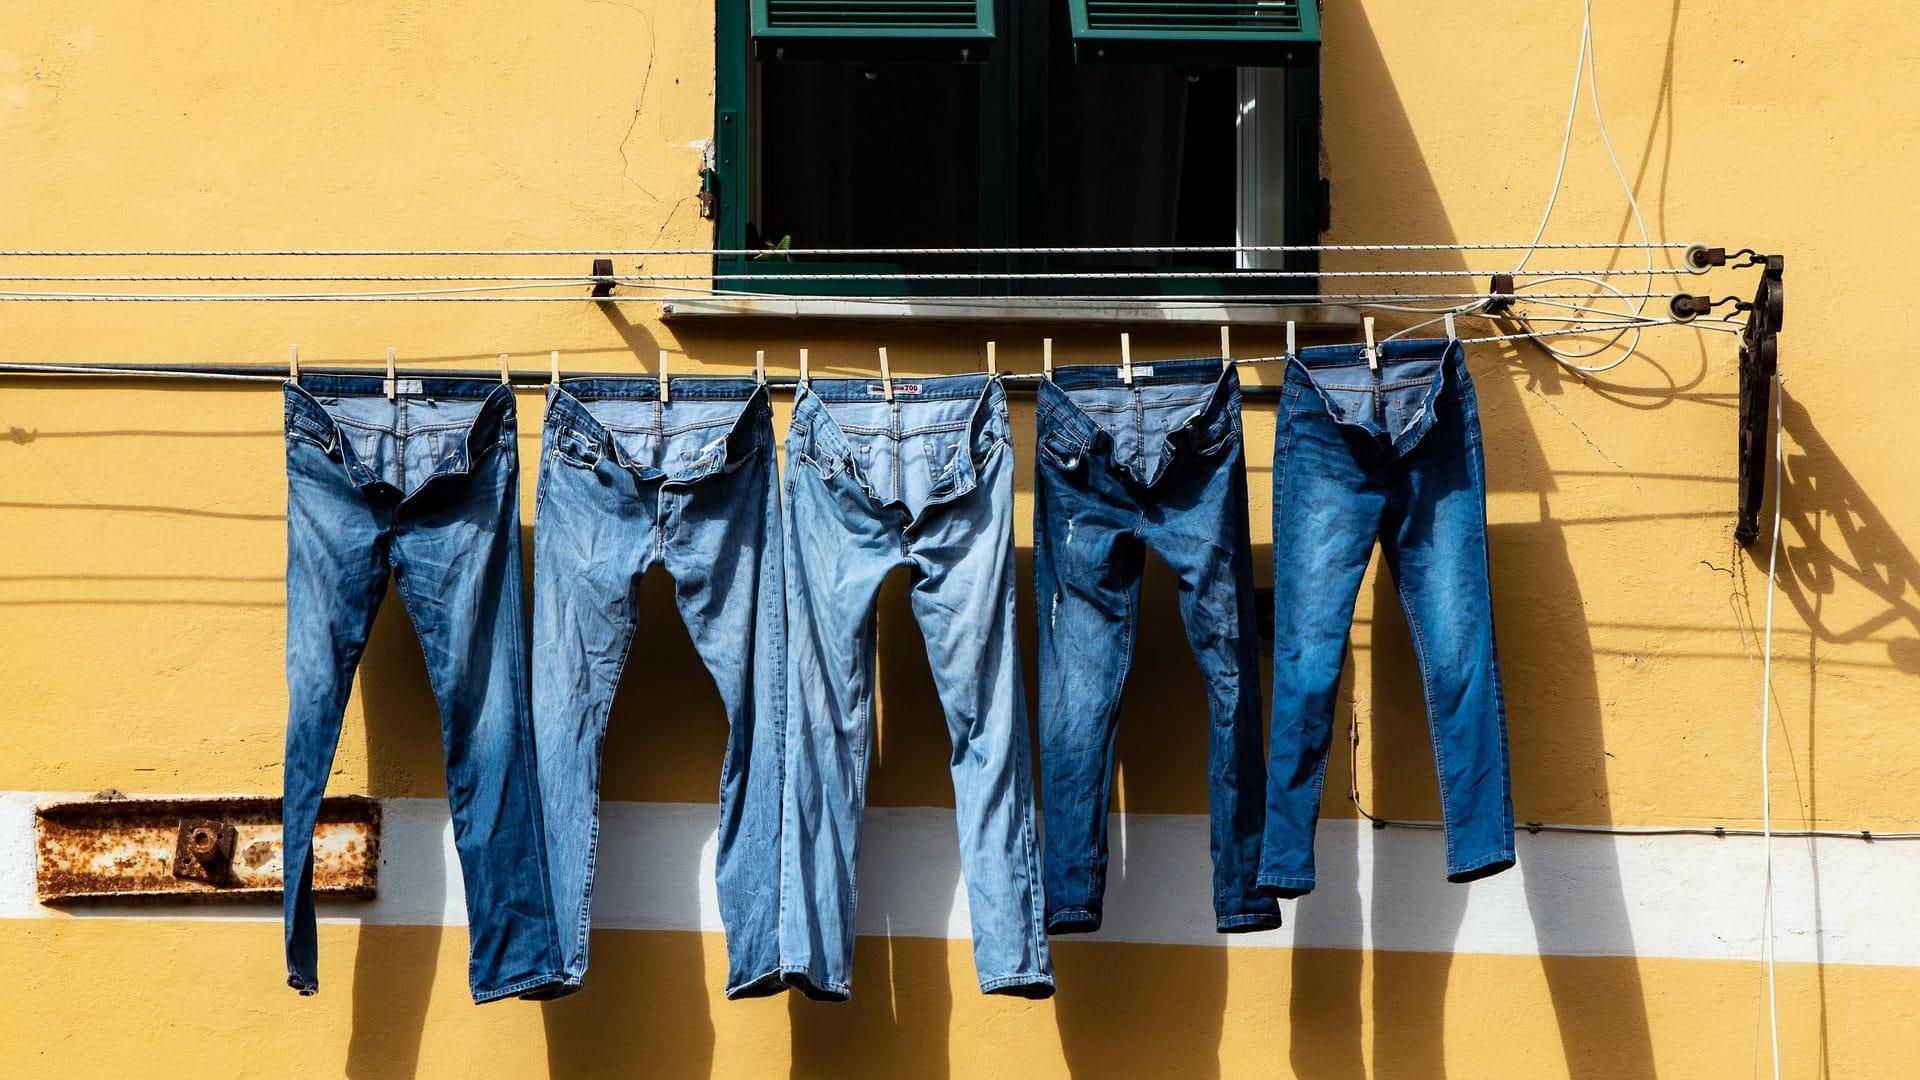 Spijkerbroeken aan de waslijn, gele achtergrond. Vooraanzicht.